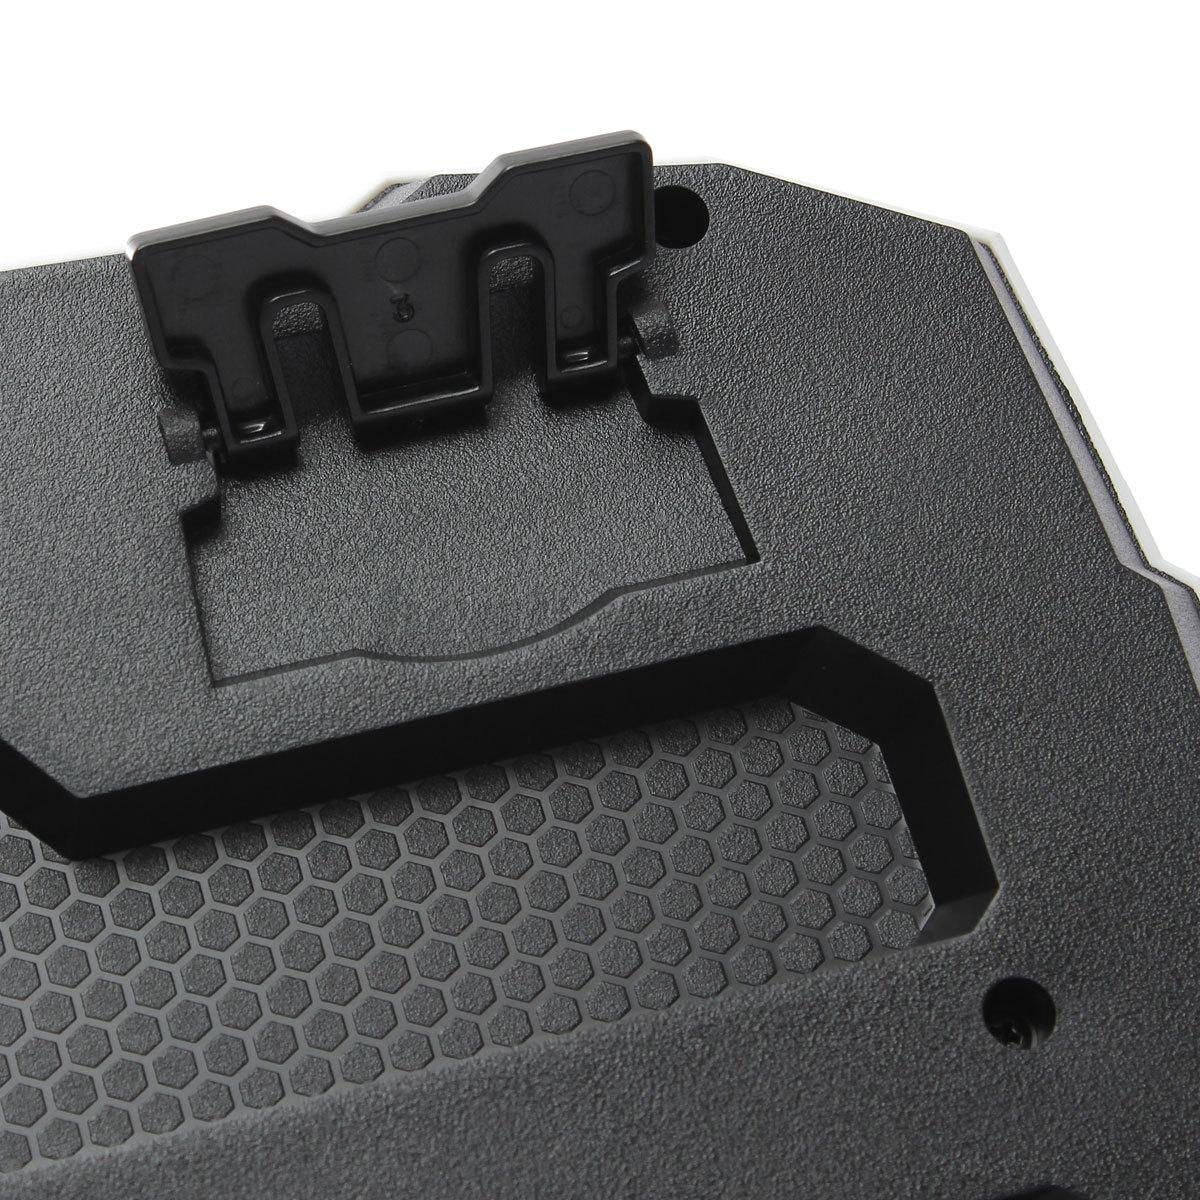 usb gaming tastatur led beleuchte gamer keyboard qwerty f r pc laptop win xp 7 8 ebay. Black Bedroom Furniture Sets. Home Design Ideas